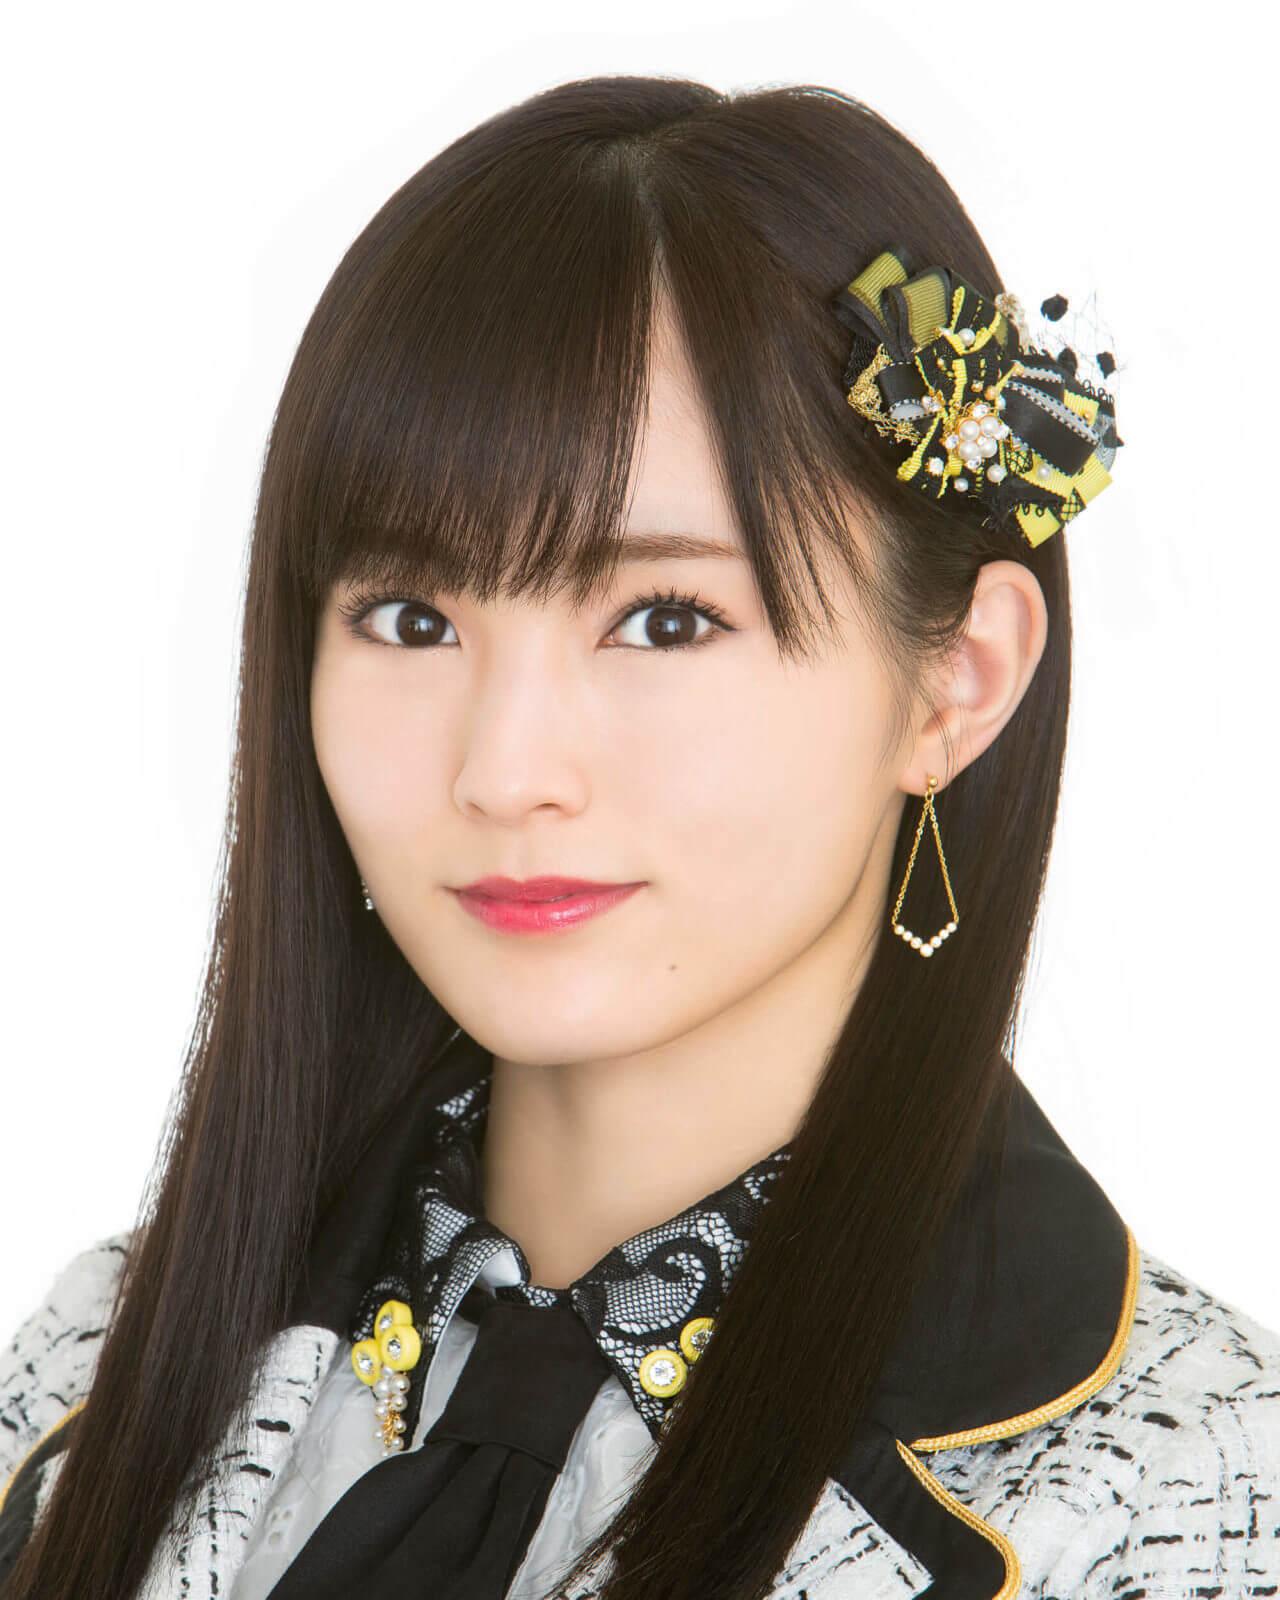 中居正広、NMB48山本彩の卒業にコメントするも現メンバーに謝罪した理由とは?